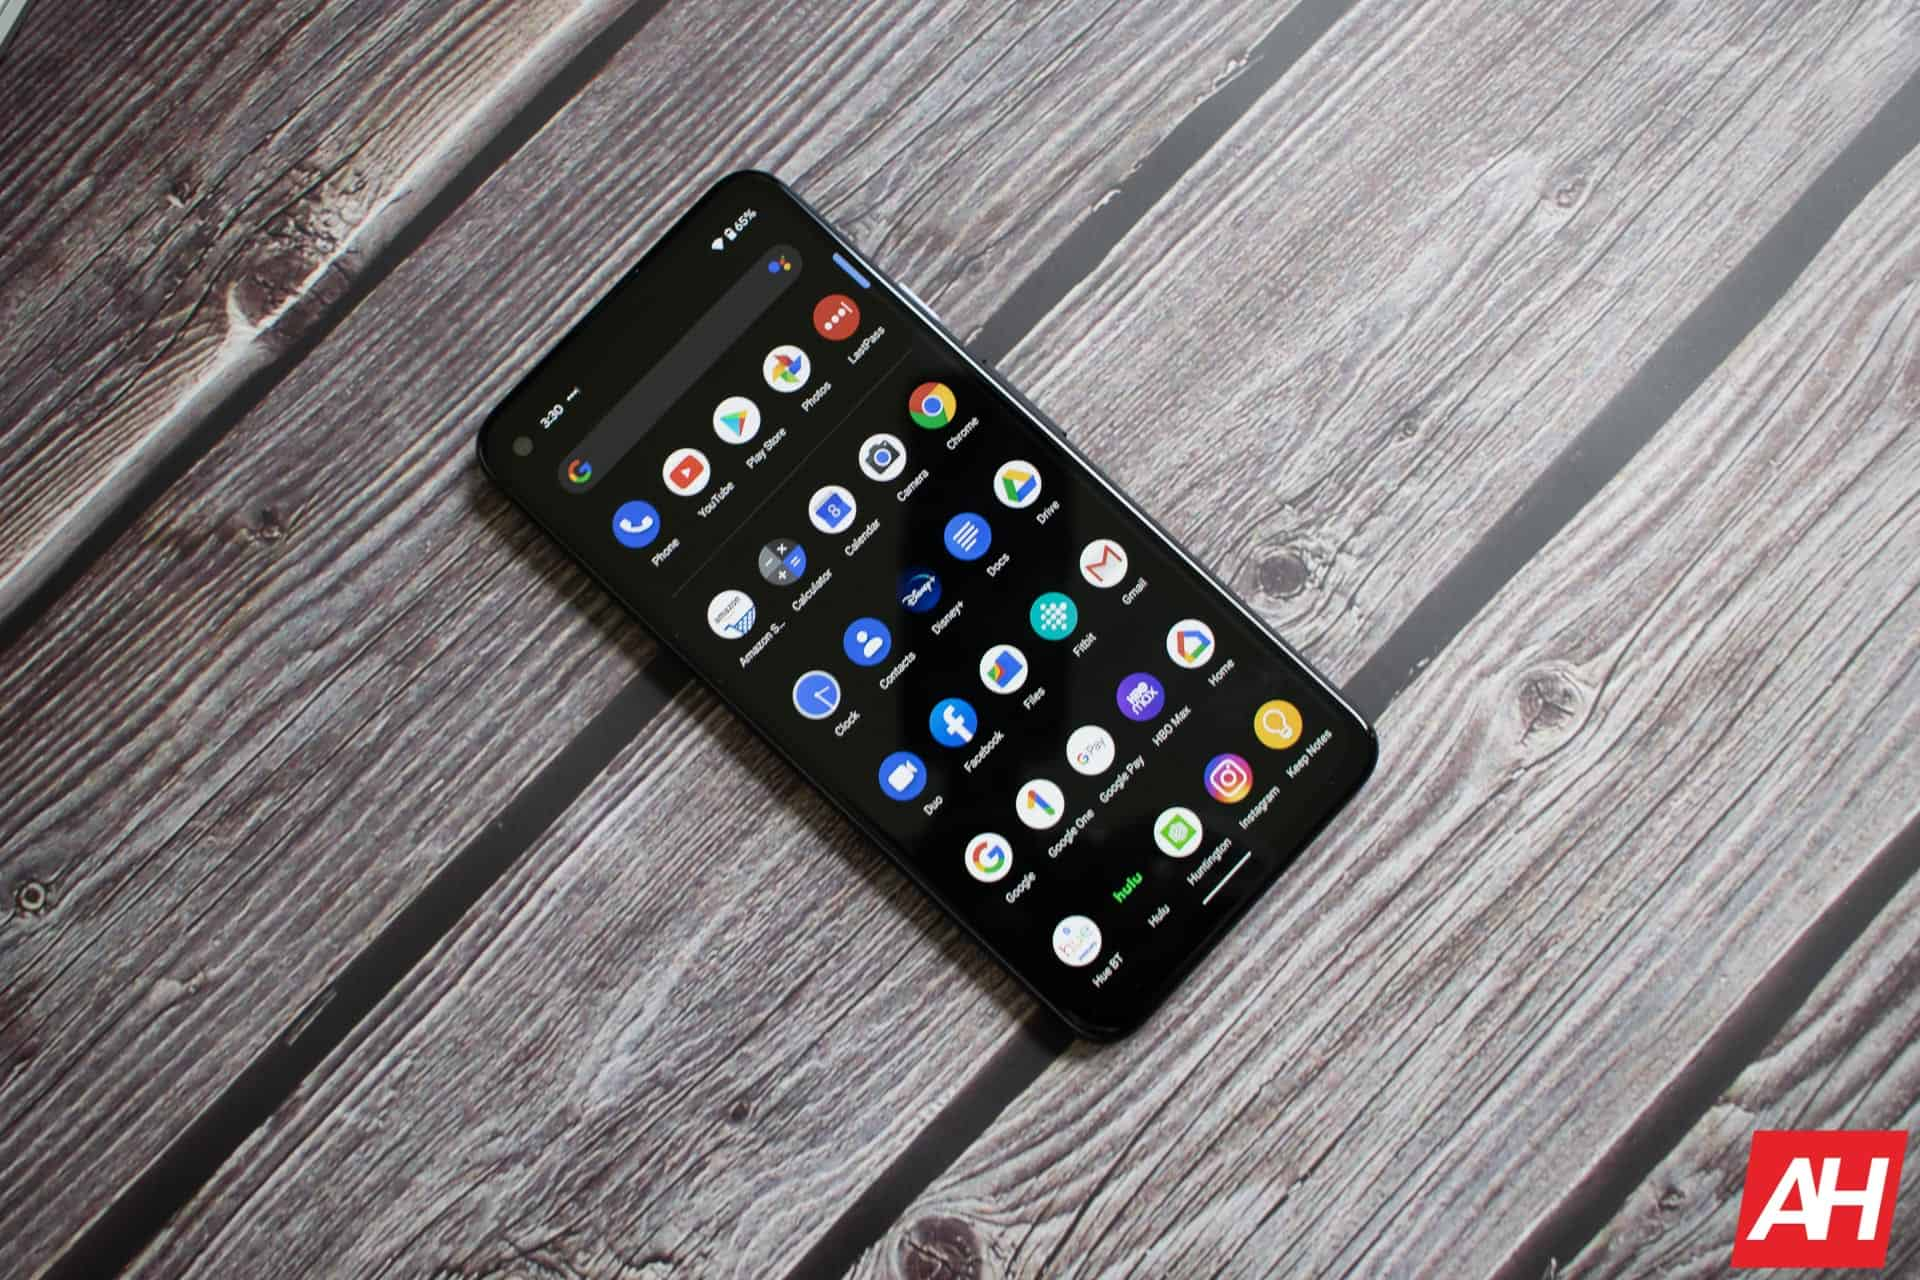 Google Pixel 4a 5G AM AH 8